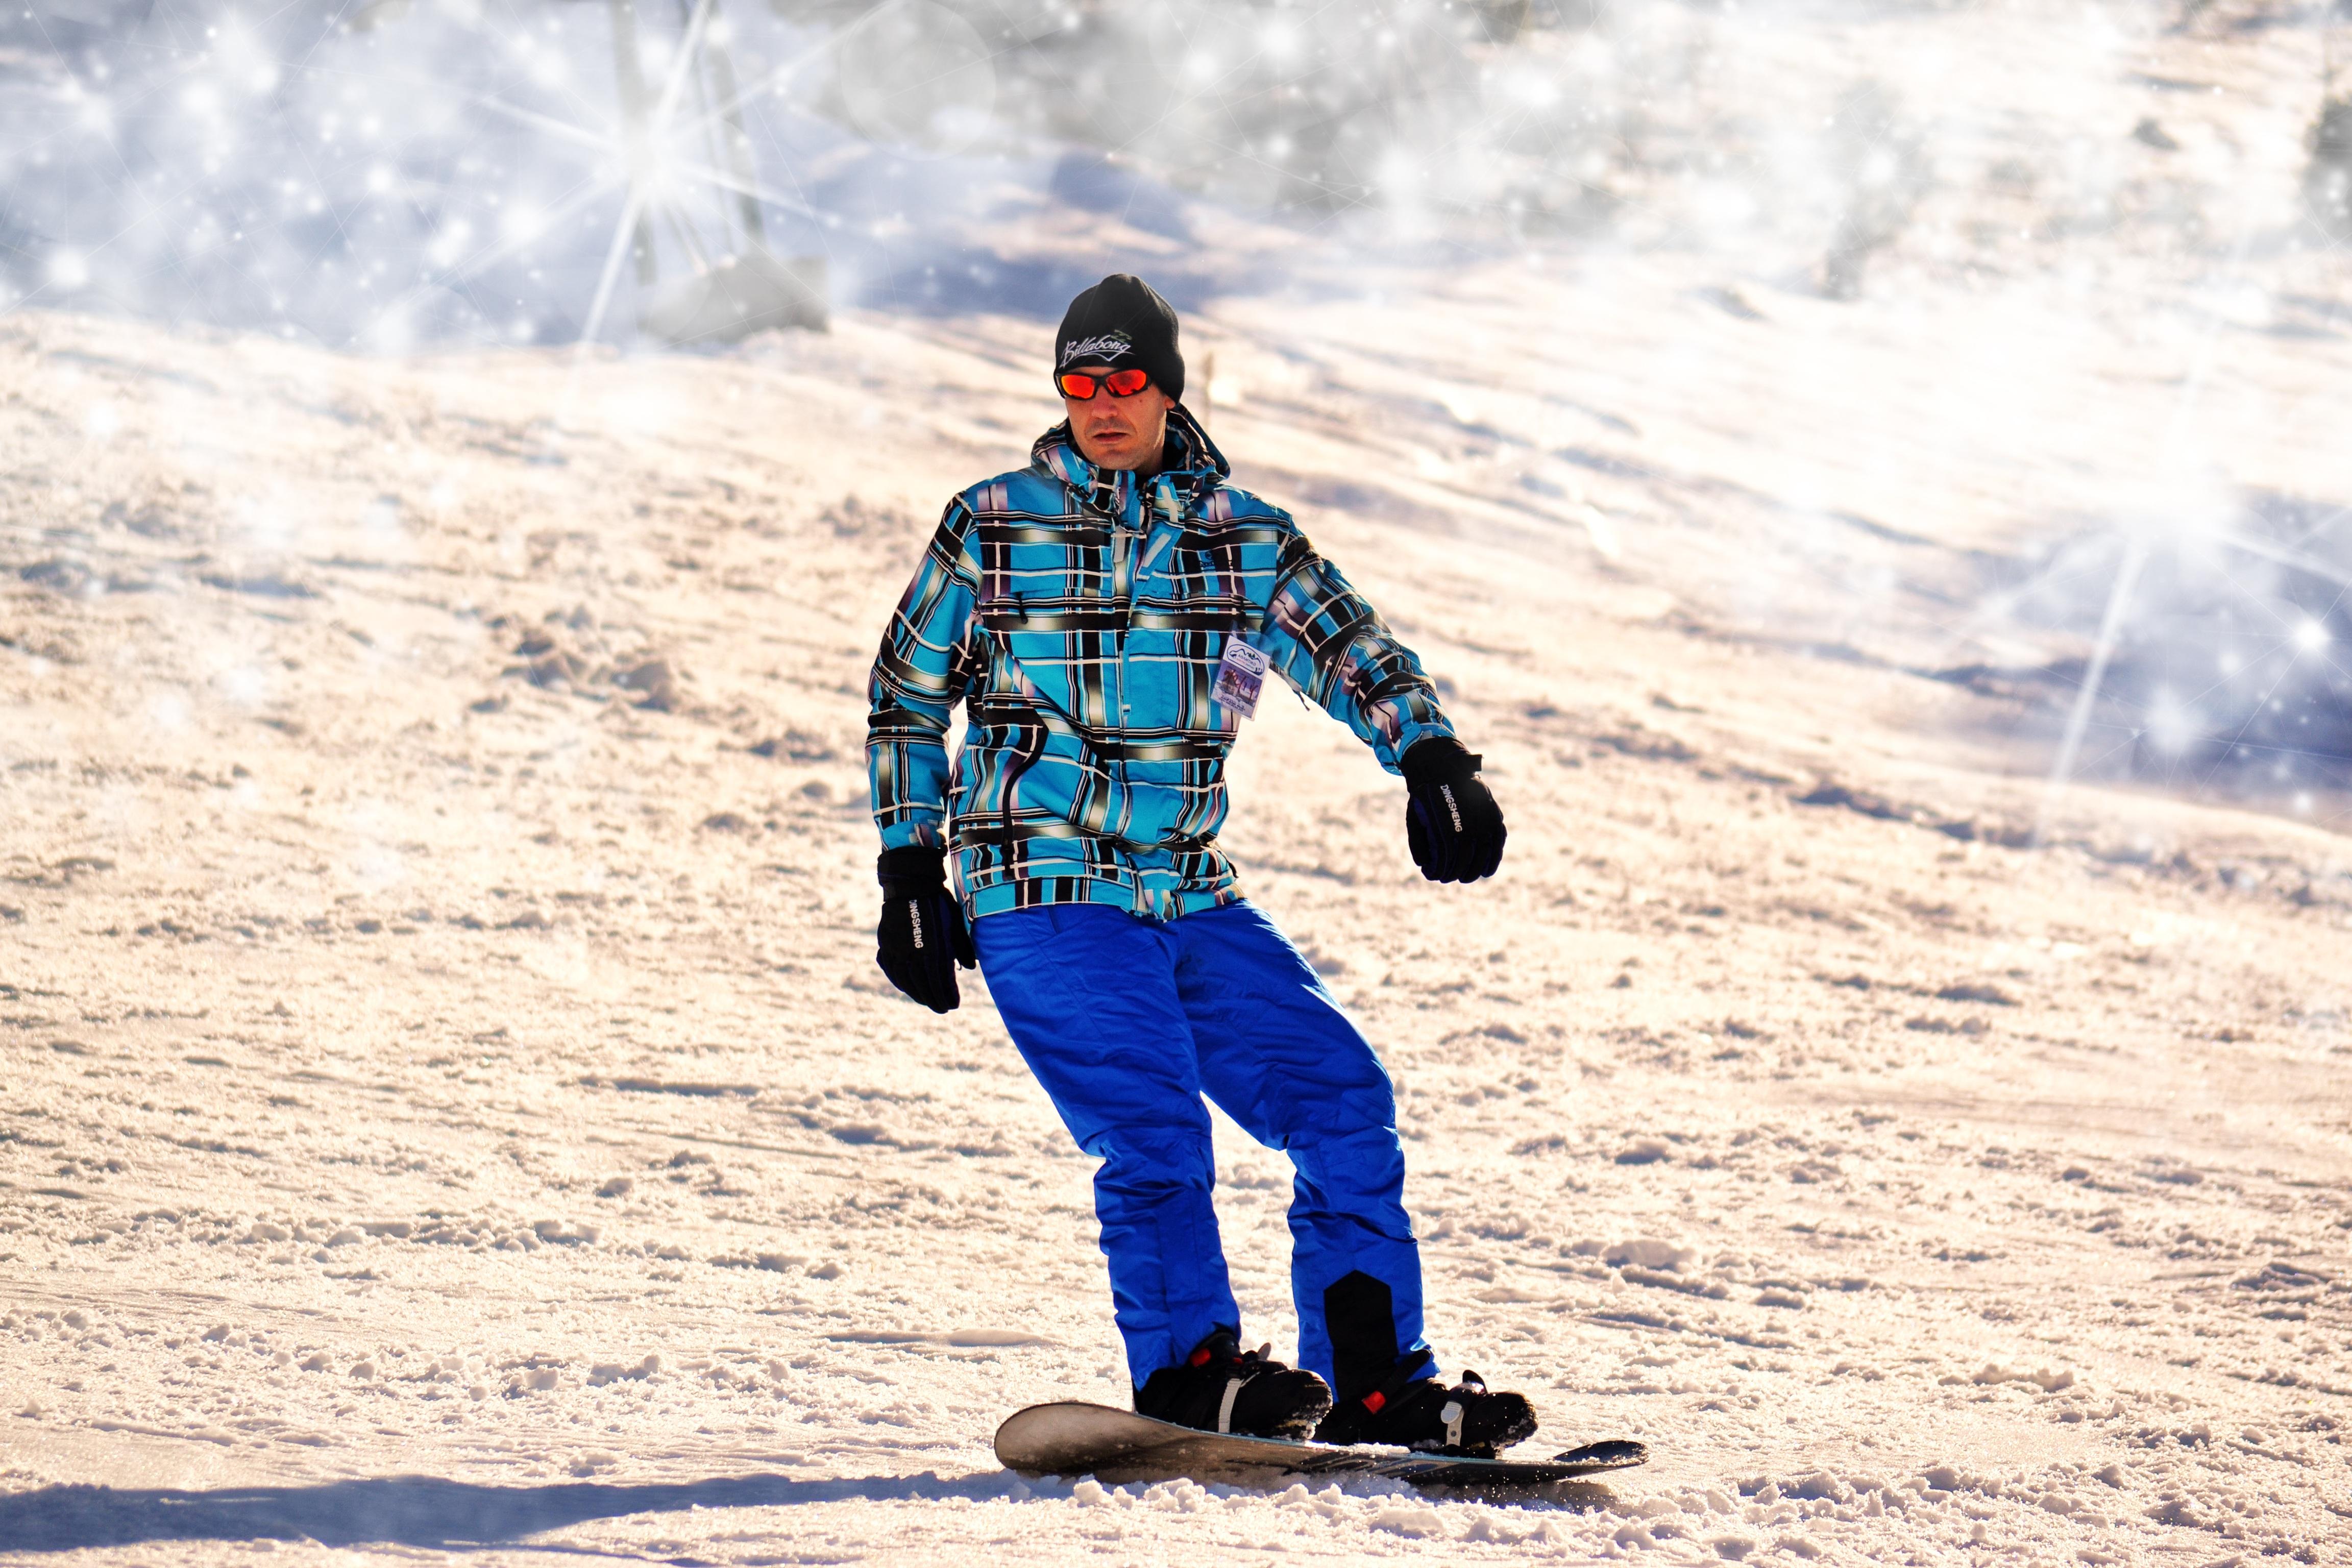 фото мужчины зимой на лыжах смысломкотоматрица, немного